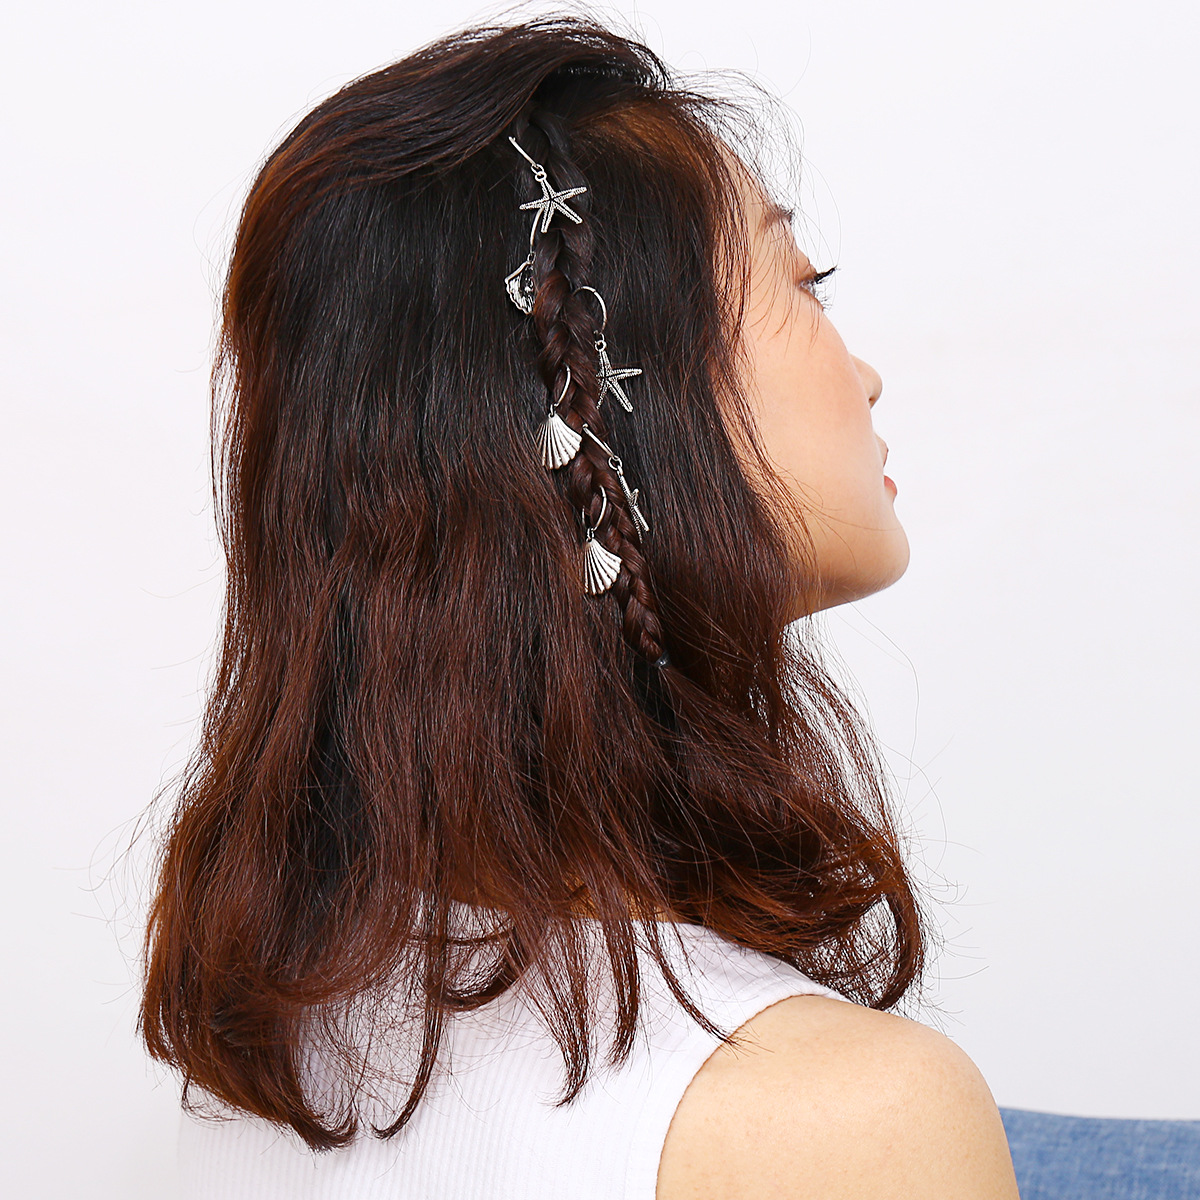 pequena trança clipes de cabelo calha cabeça